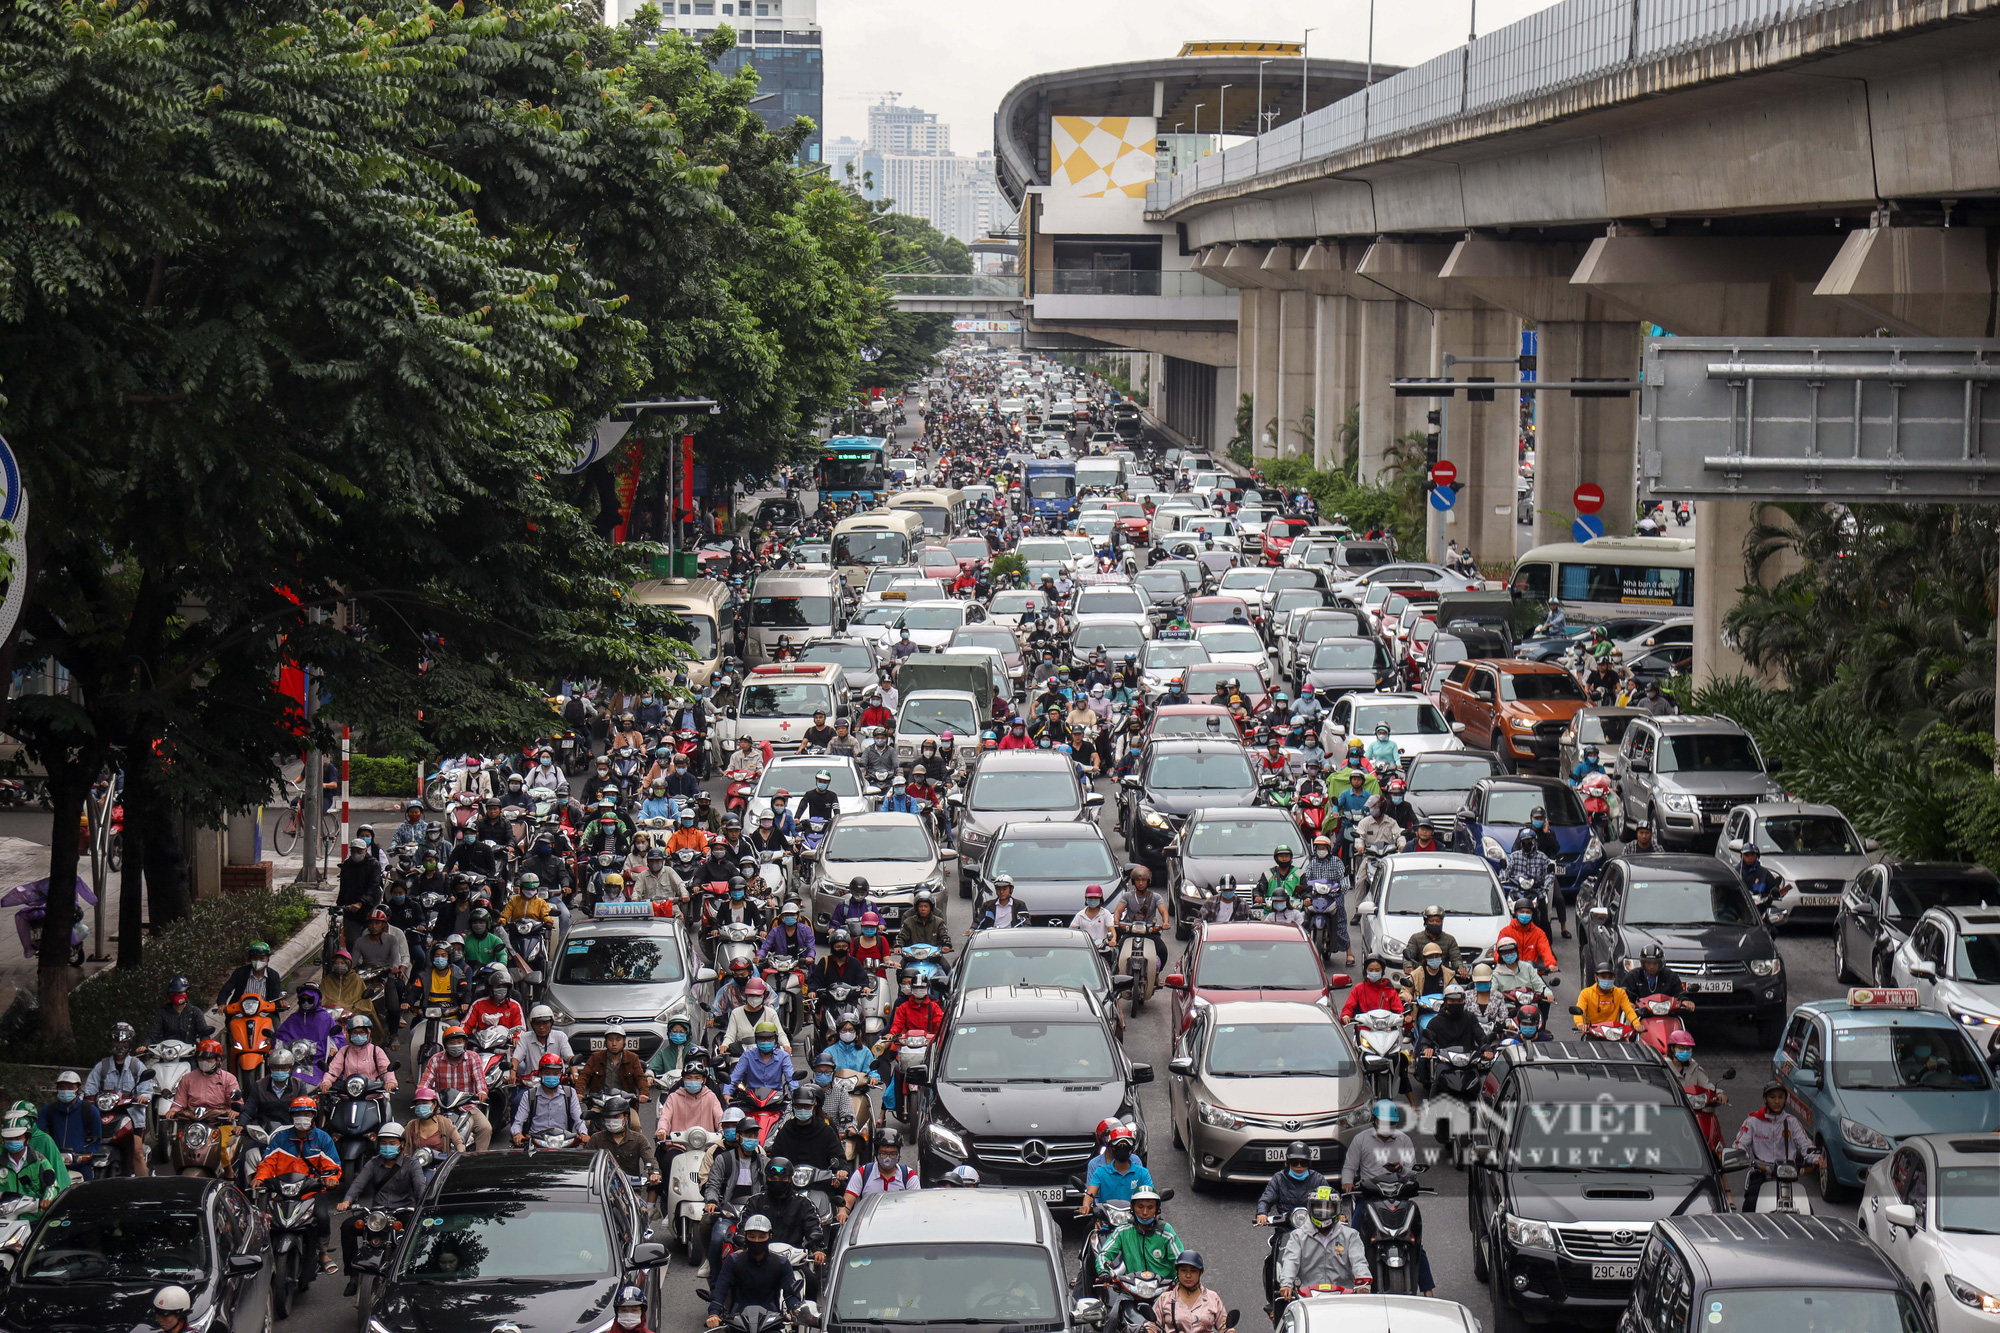 Tắc đường kinh hoàng trên địa bàn nhiều quận ở Hà Nội - Ảnh 1.